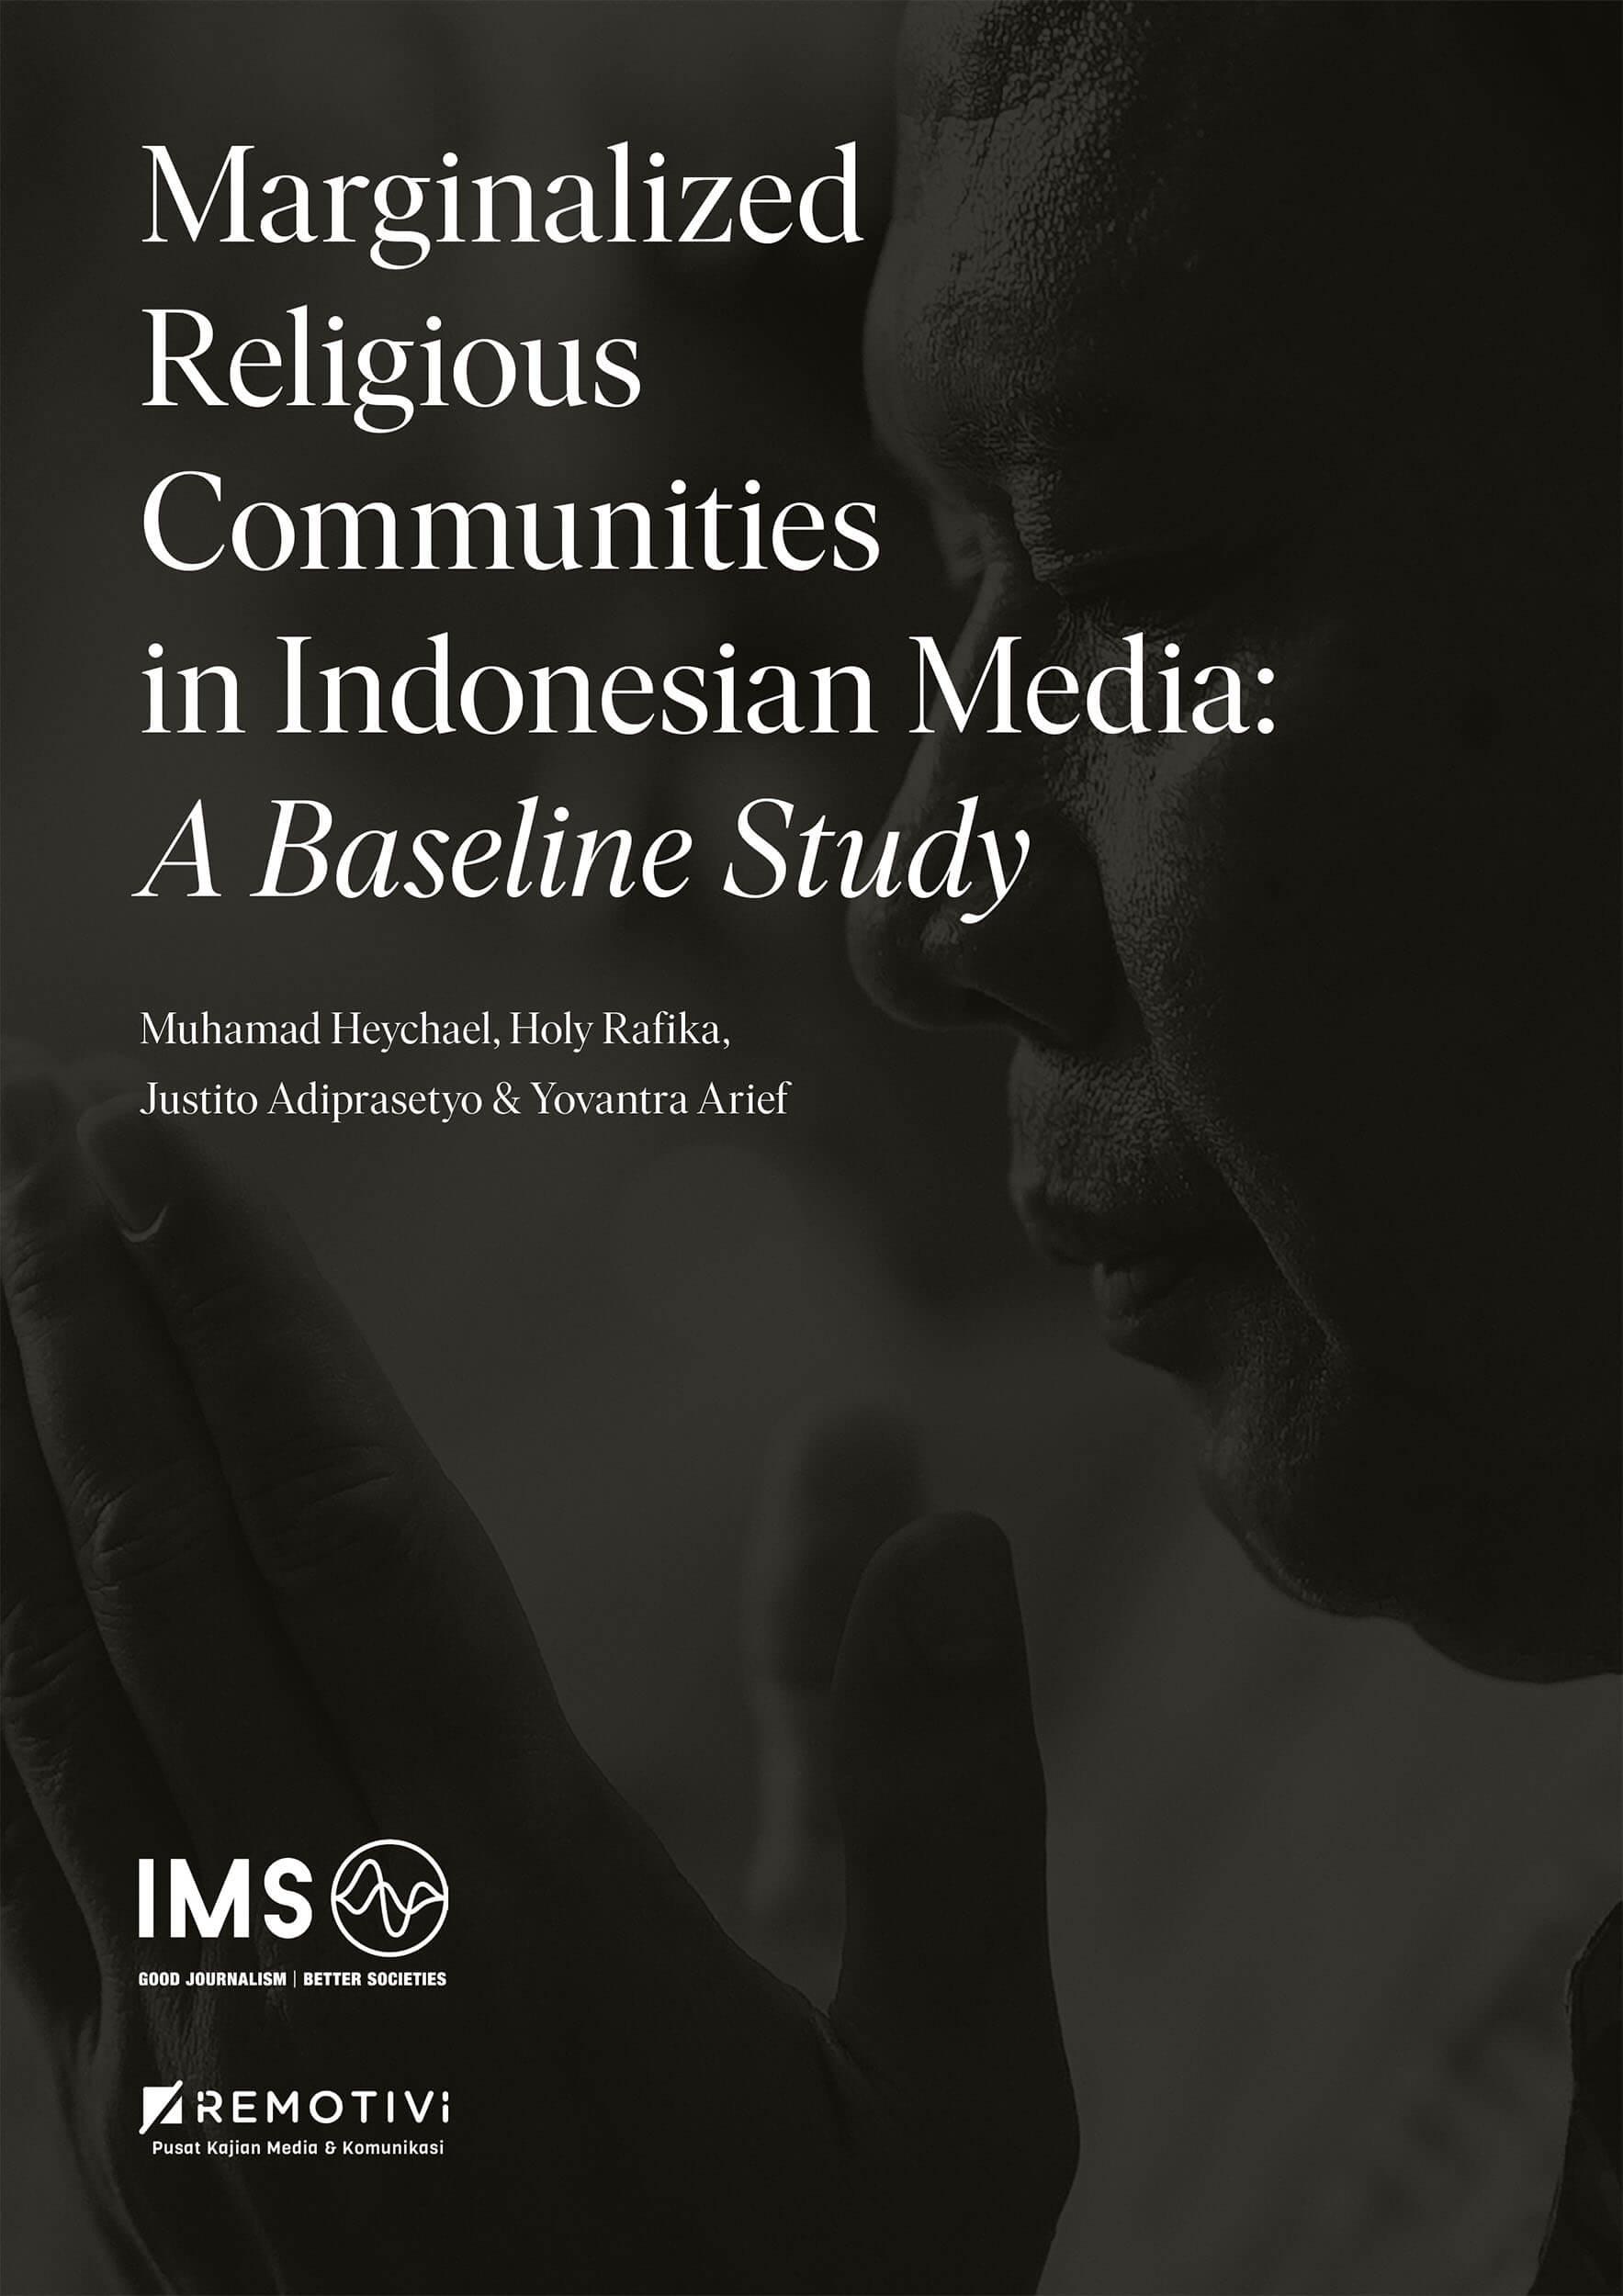 Marginalized Religious Communities in Indonesian Media